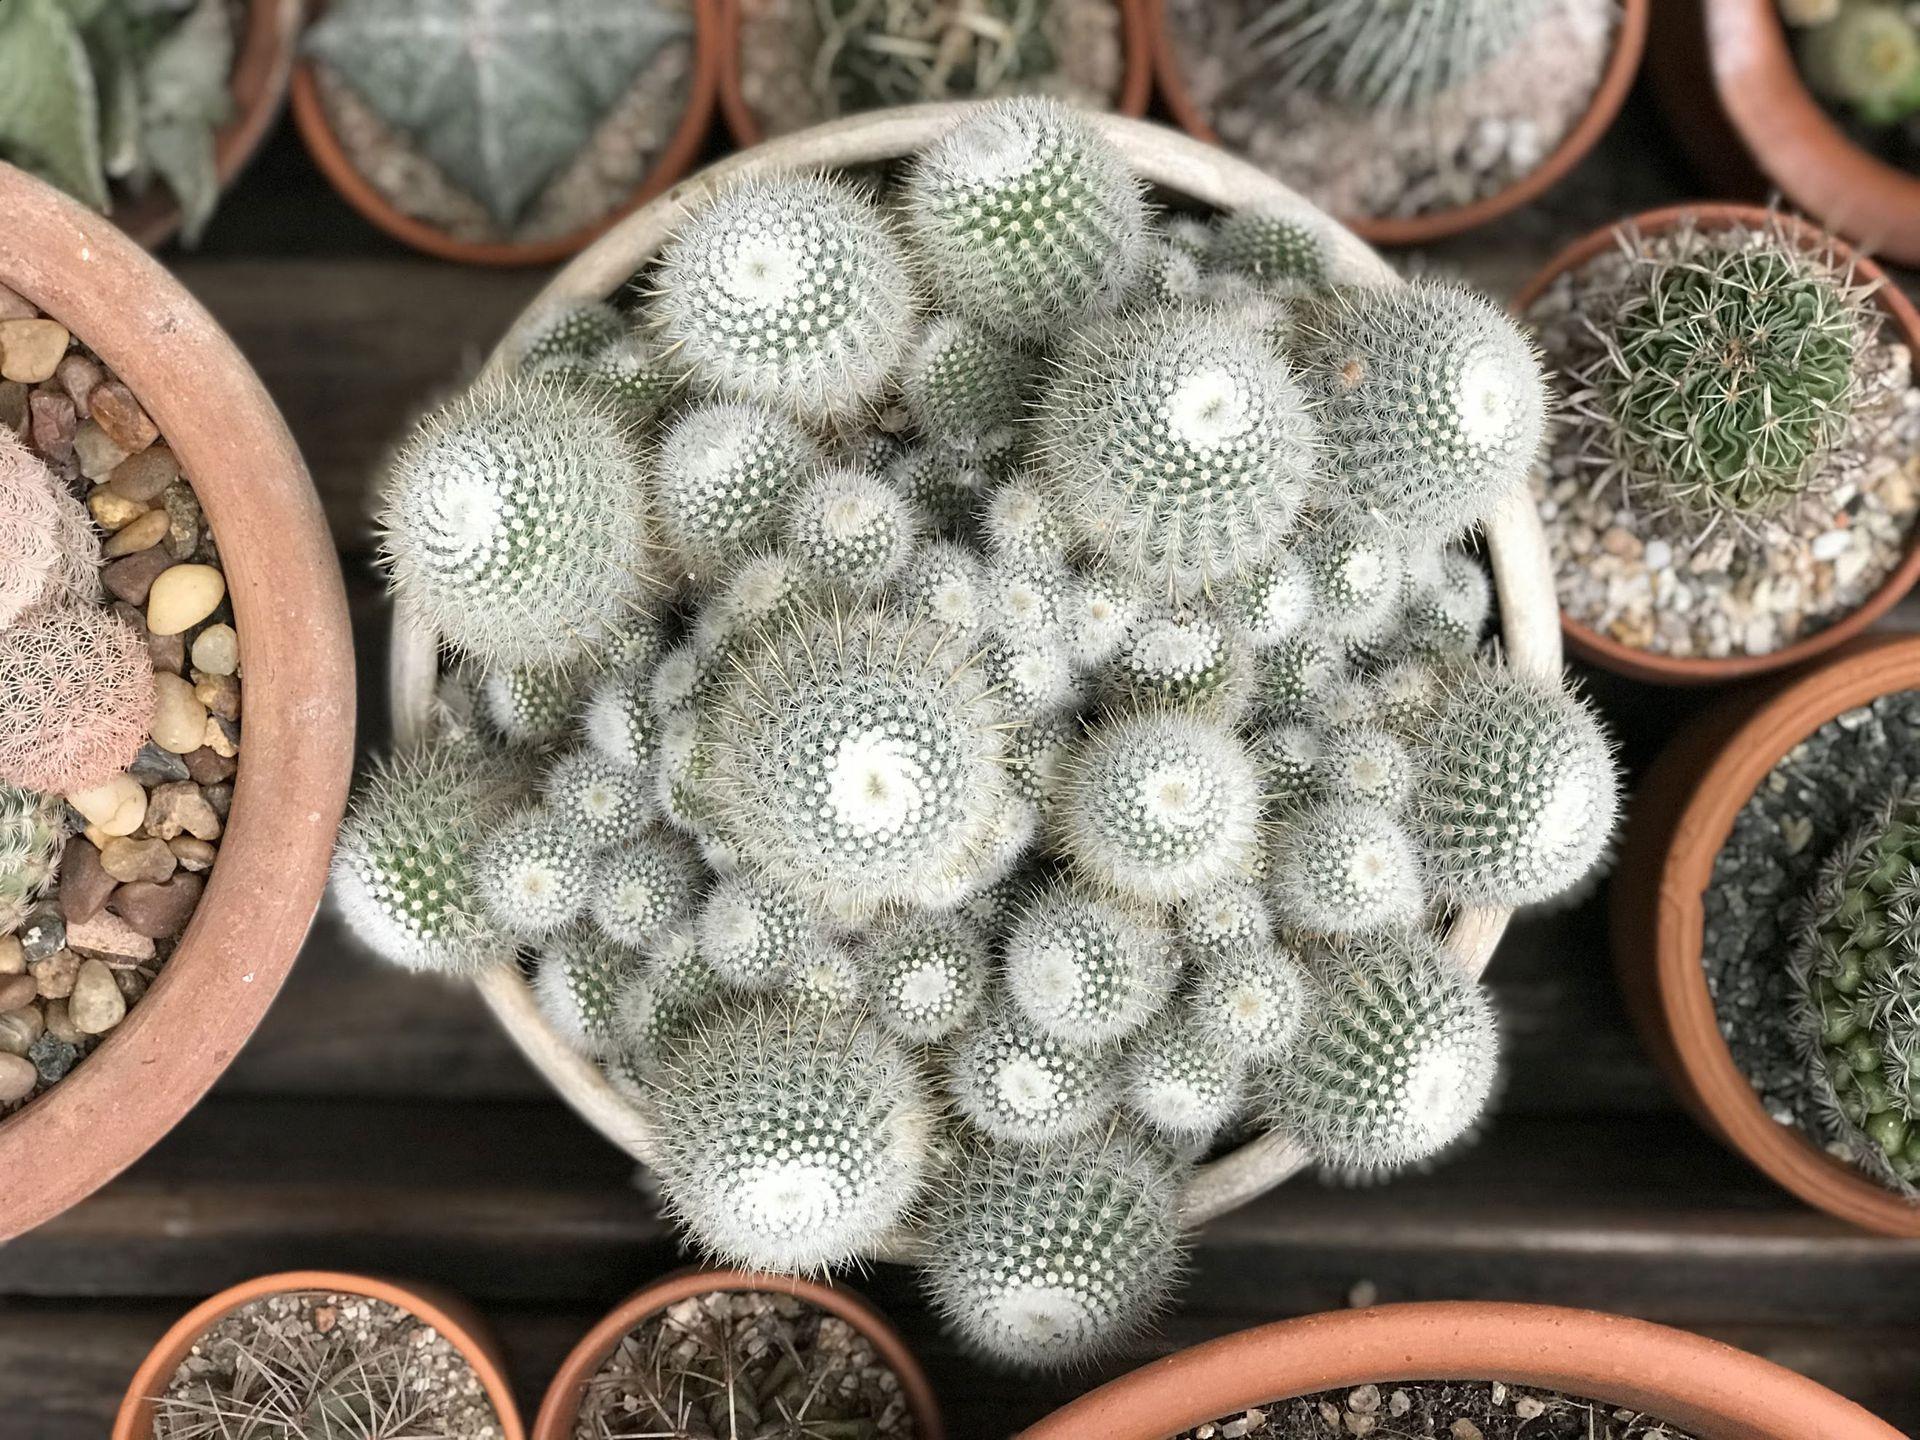 Un bello ejemplar de Notocactus Scopa.